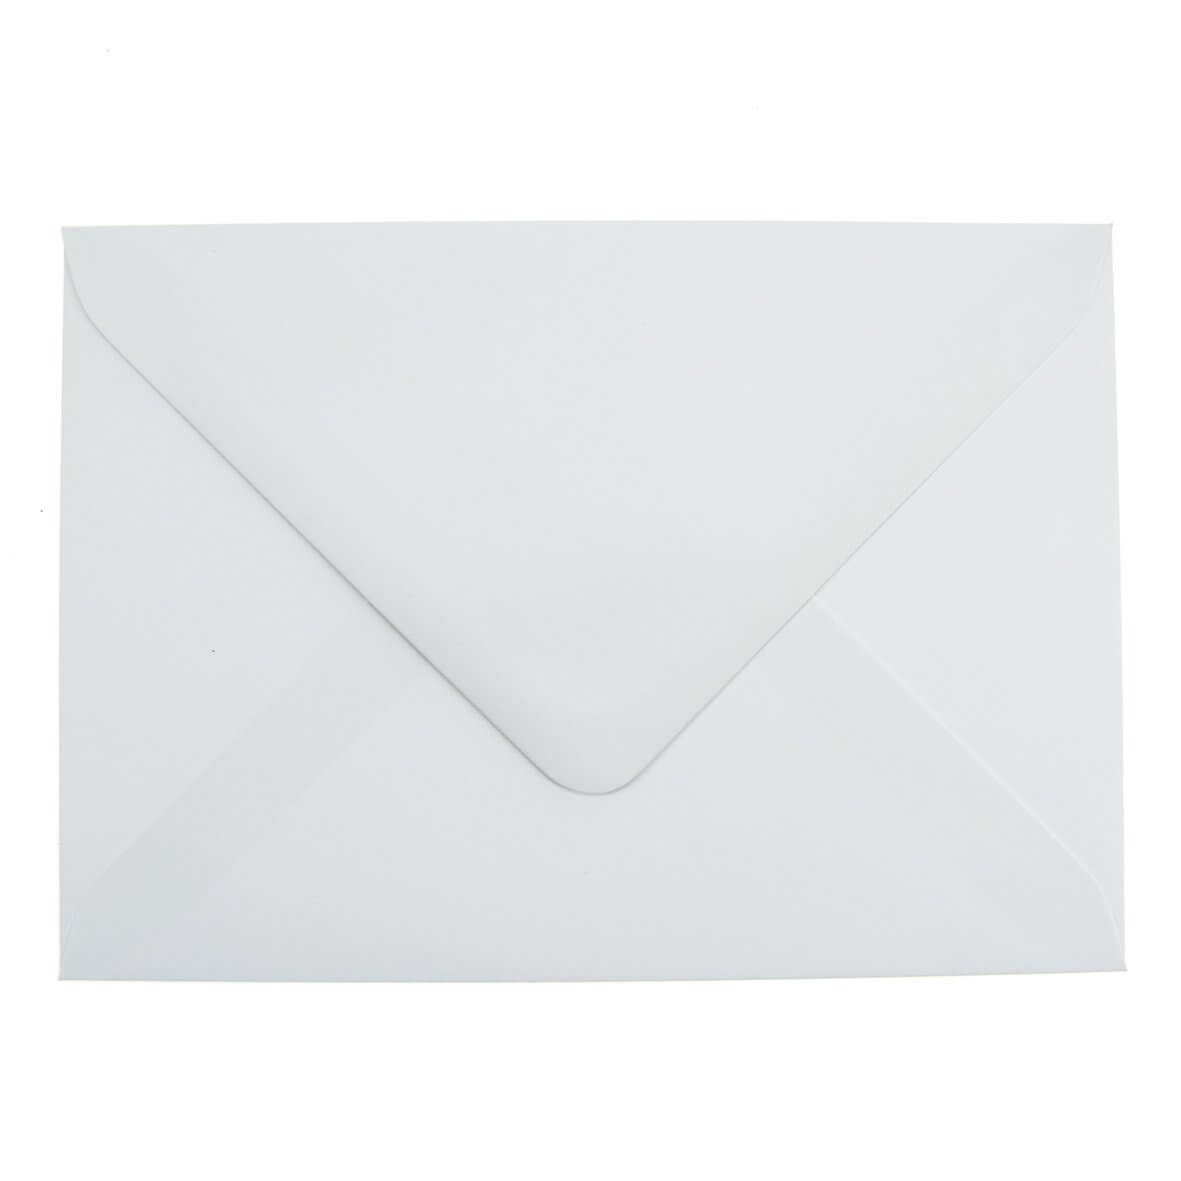 Plain White C6 Envelope